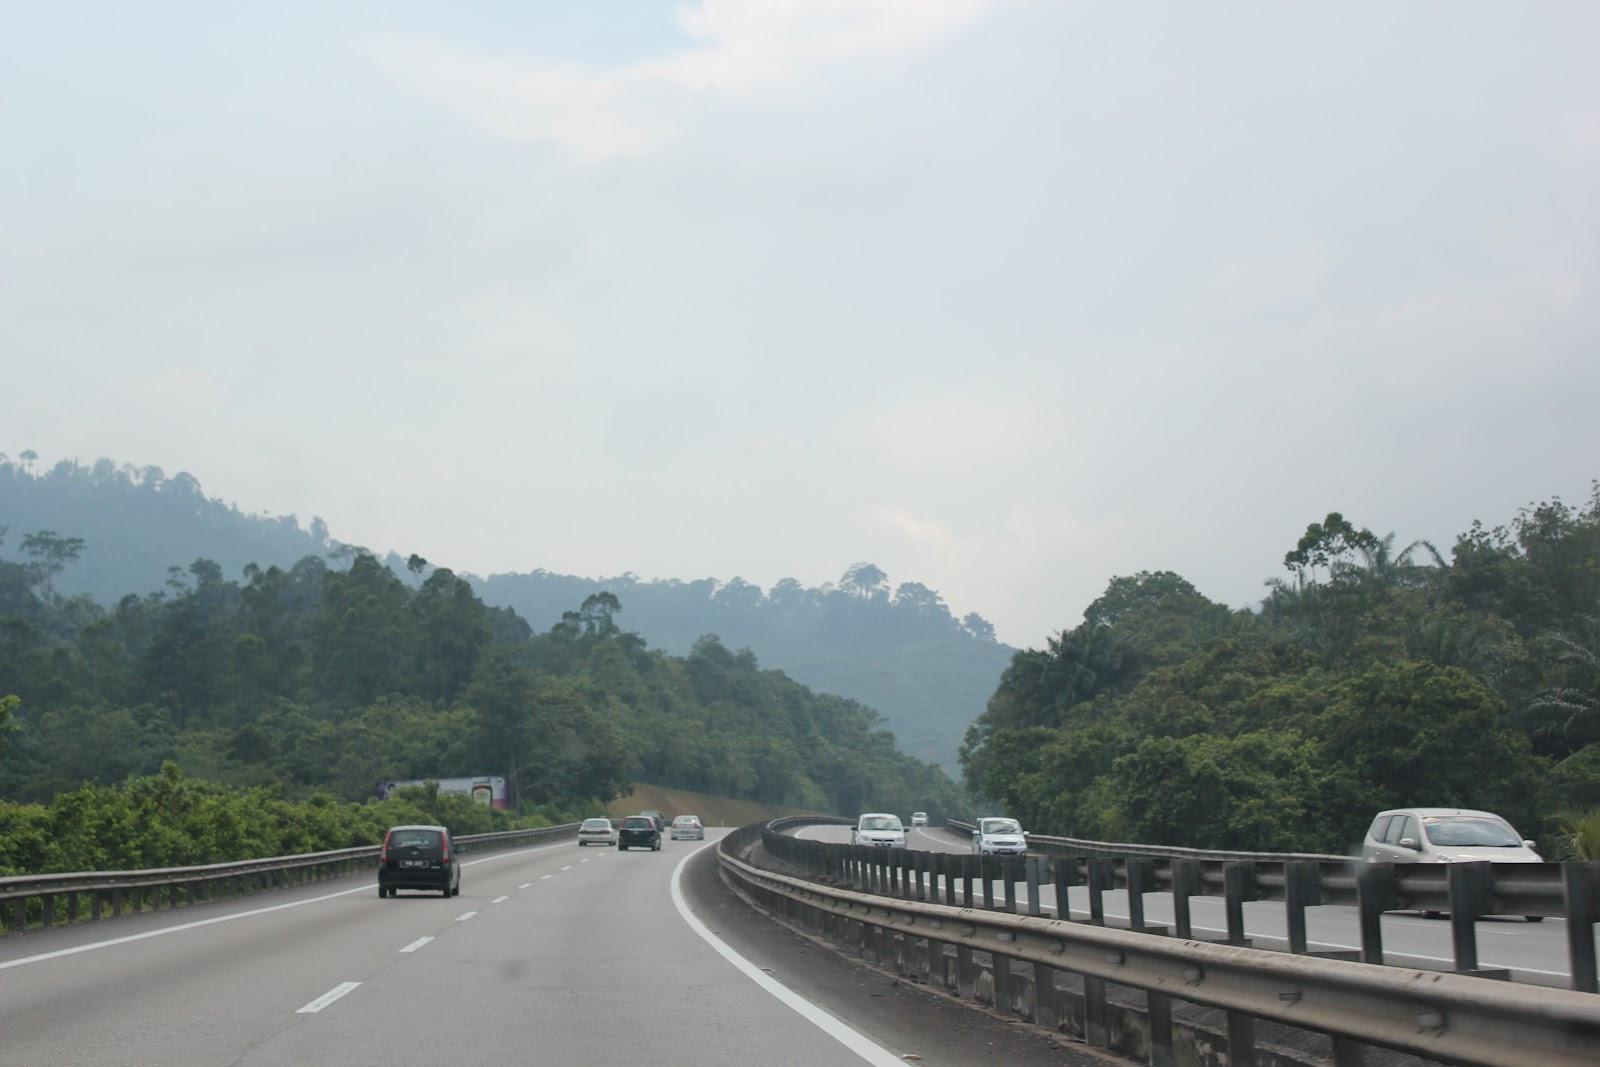 Menjelajah Tanah Melayu ( Part 4 : Kuala Kangsar - Penang